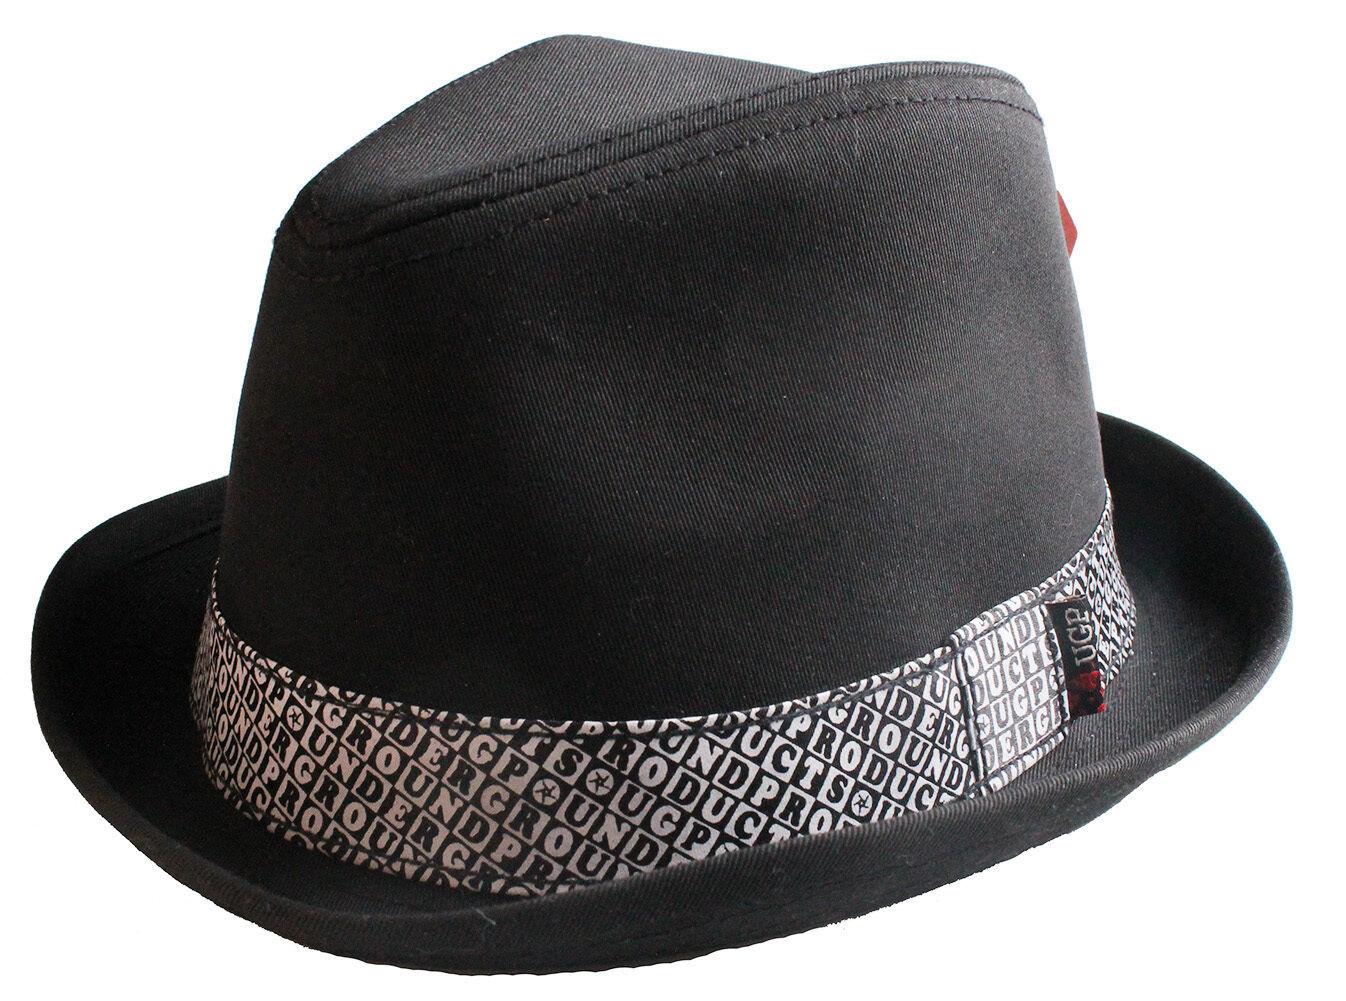 UGP Sotto Terra Prodotti Grems Uomo Nero e Bianco Ska Cappello Fedora Nwt